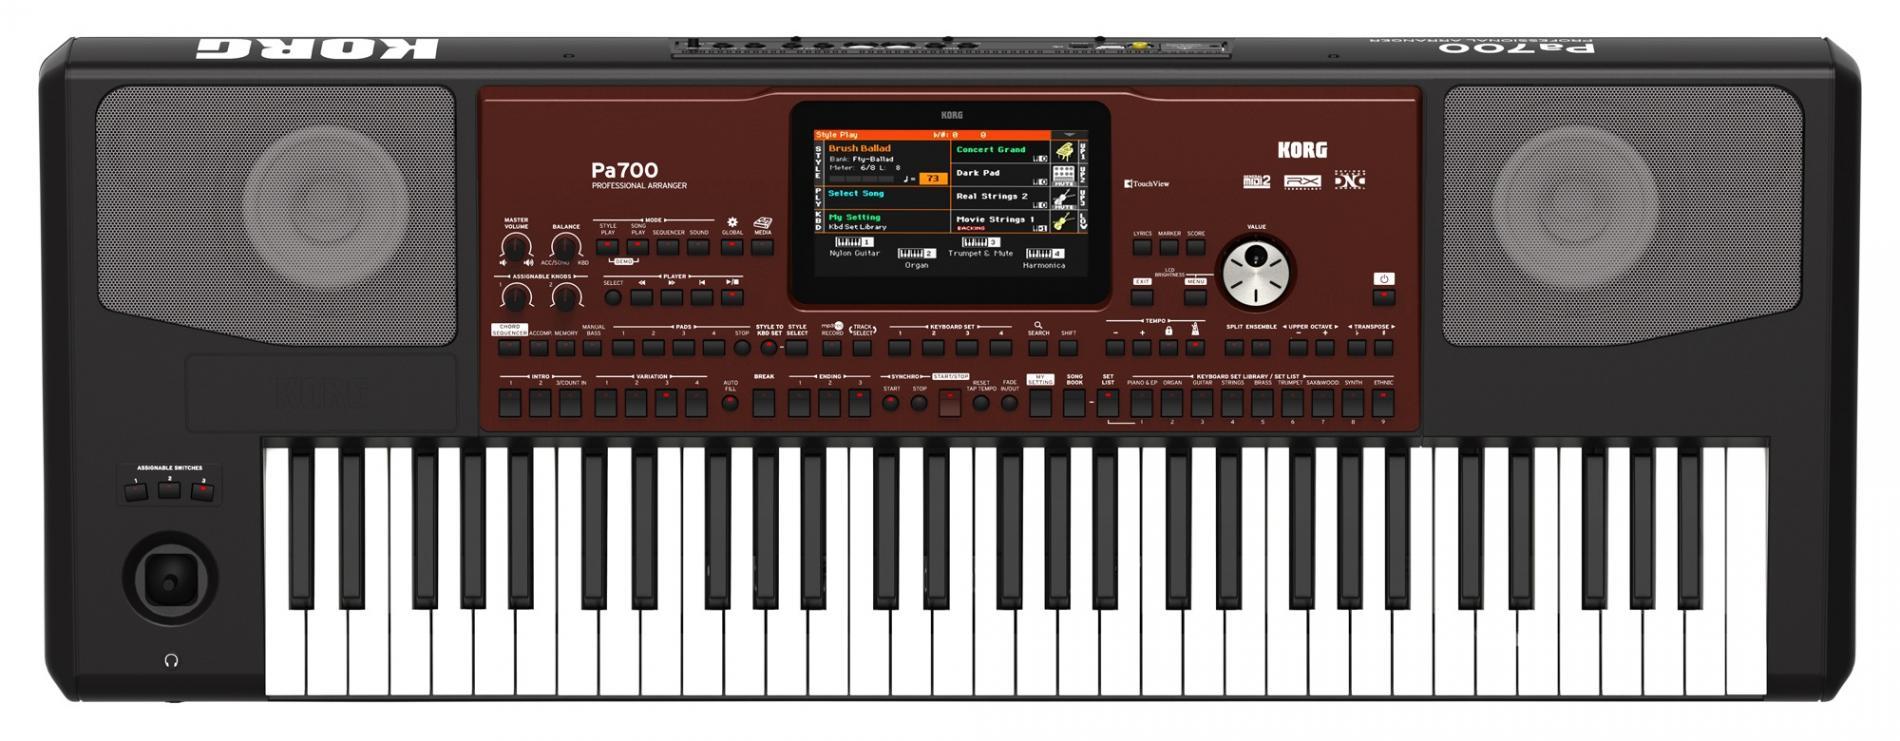 PA700 Arranger-Keyboard